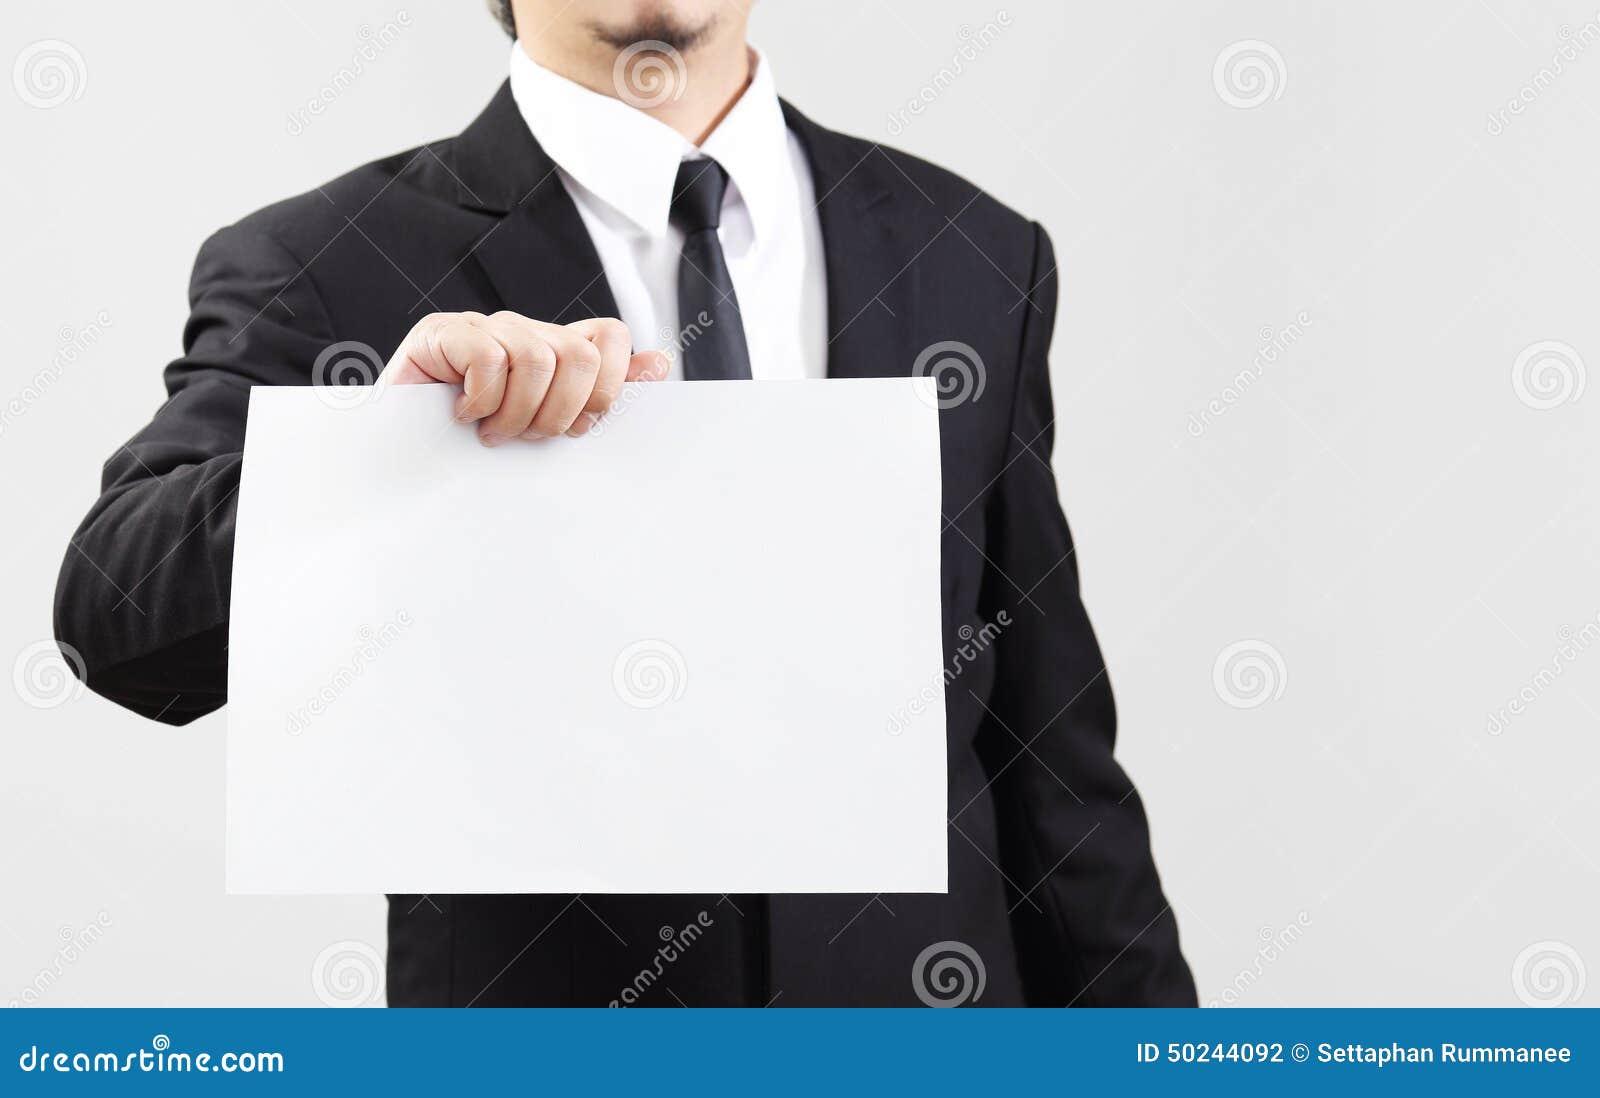 Acting essays